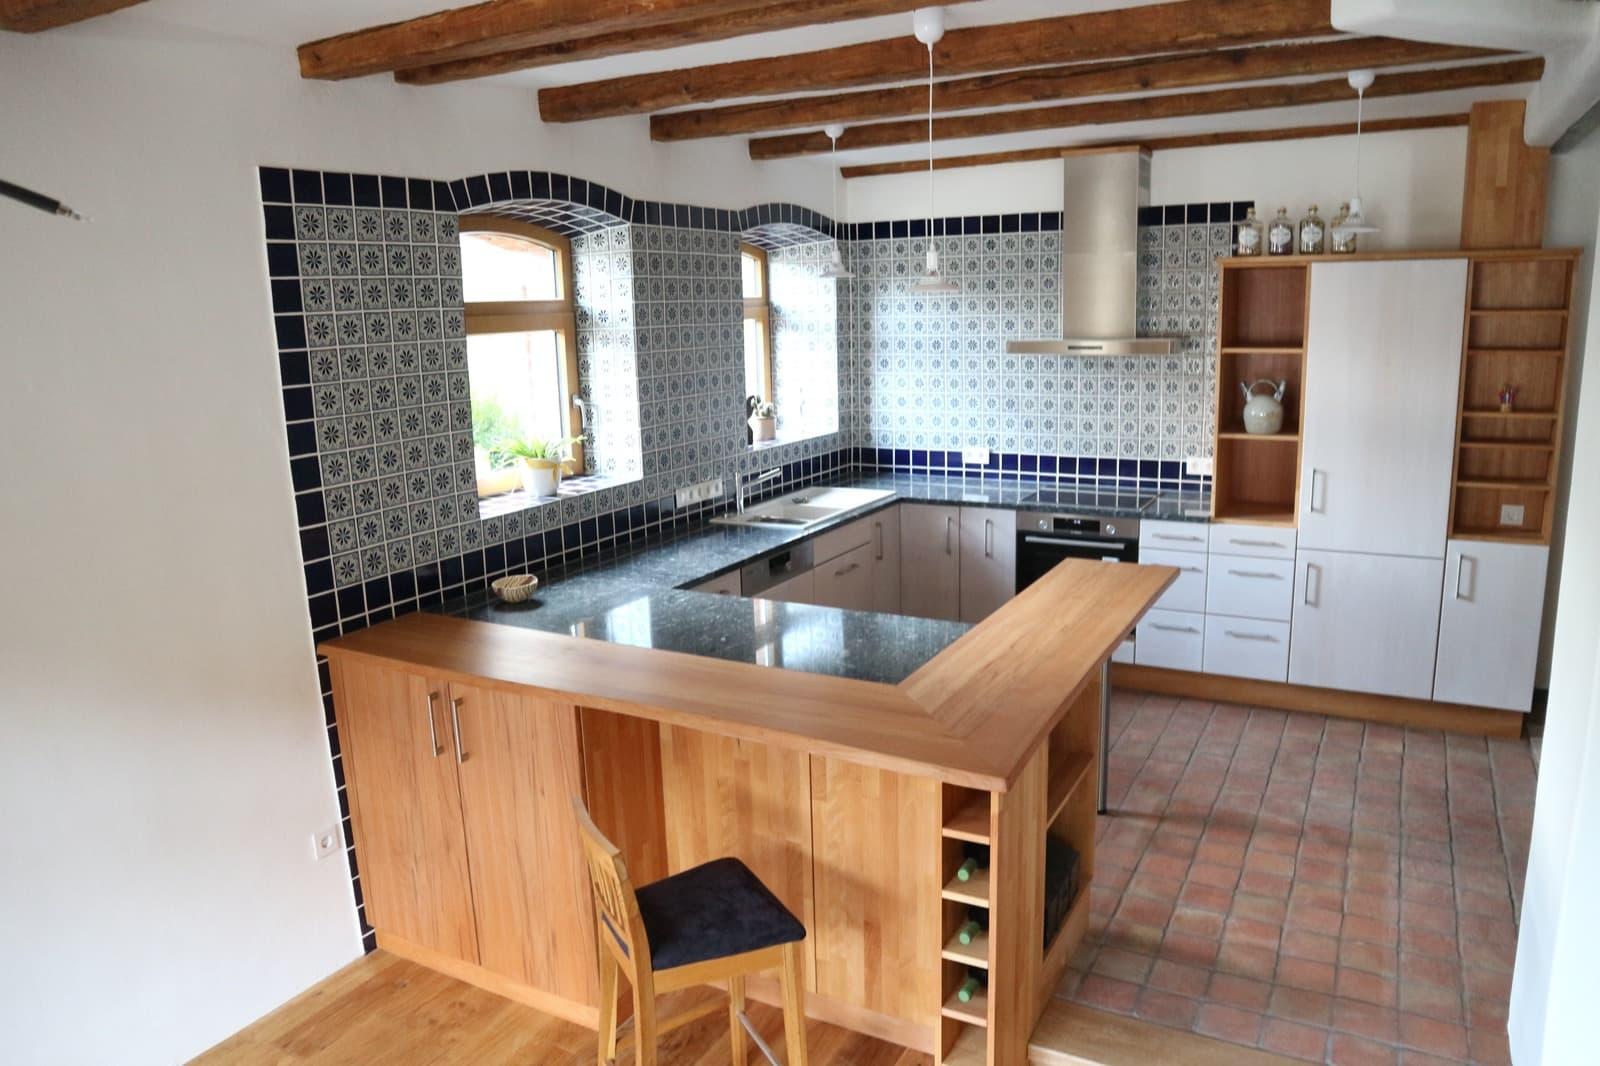 Full Size of Küchen Regal Loungemöbel Garten Holz Cd Moderne Bilder Fürs Wohnzimmer Schlafzimmer Massivholz Deckenleuchte Modern Alu Fenster Preise Holzbrett Küche Wohnzimmer Küchen Holz Modern